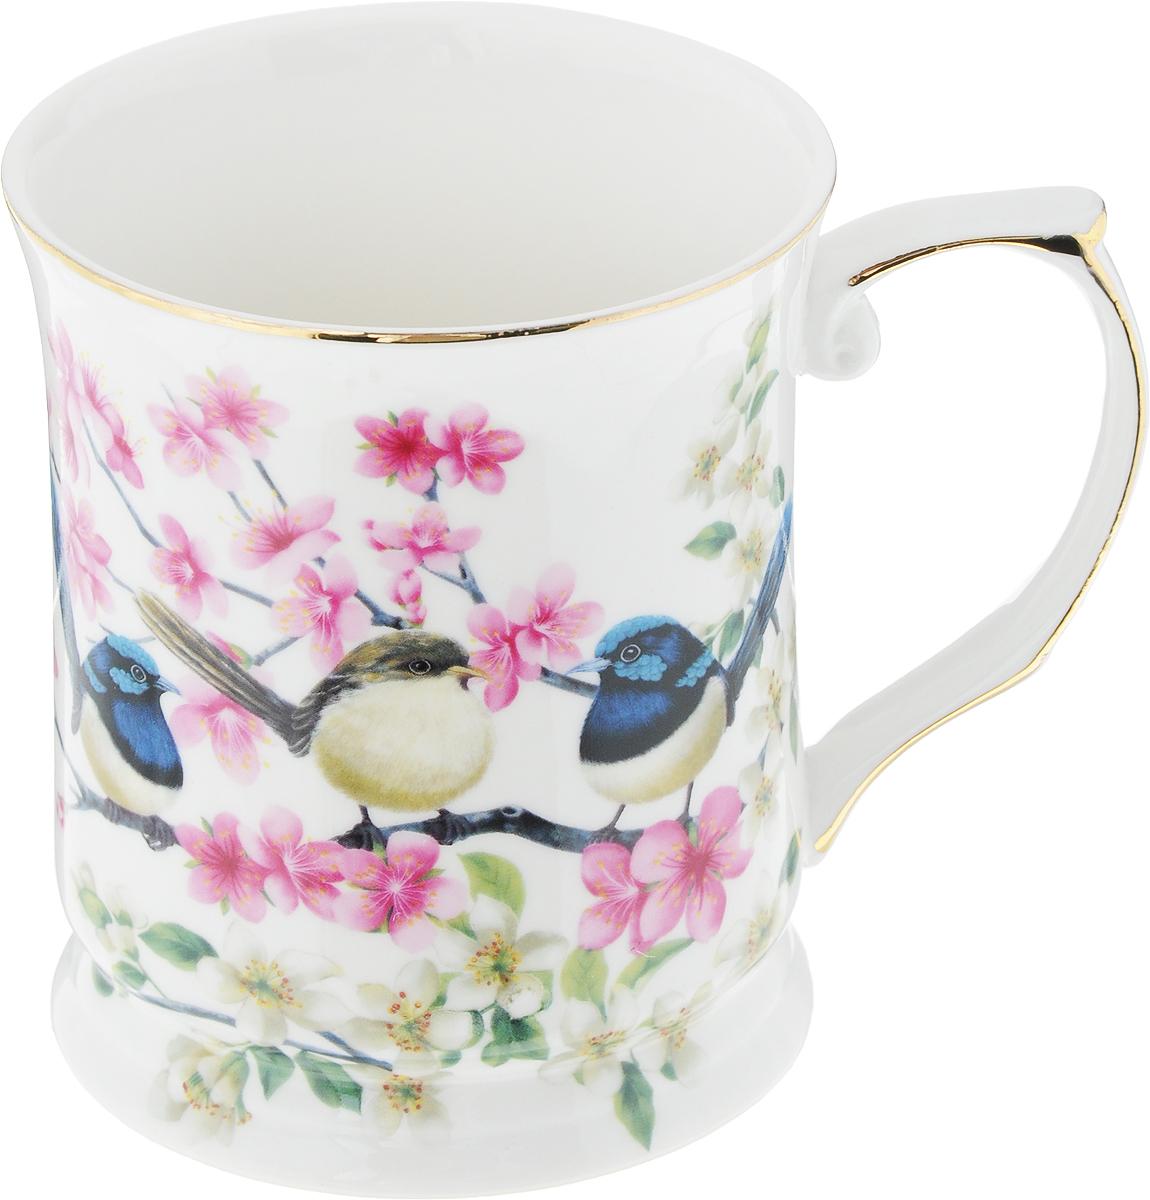 Кружка Elan Gallery Райские птички, 400 мл кружки elan gallery кружка рак